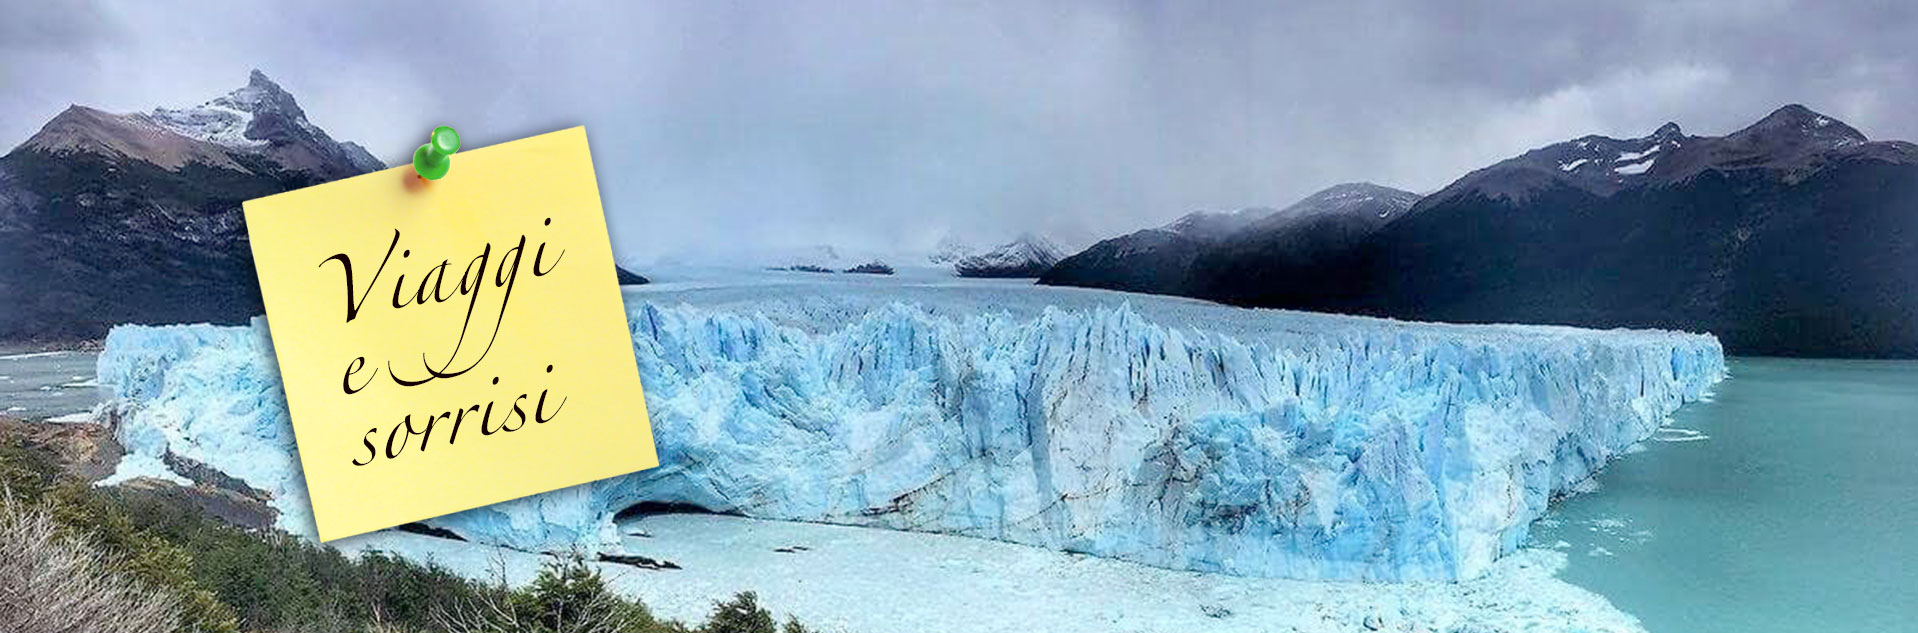 Patagonia-Sviaggiando-Banner-Alexandra-Turbatu